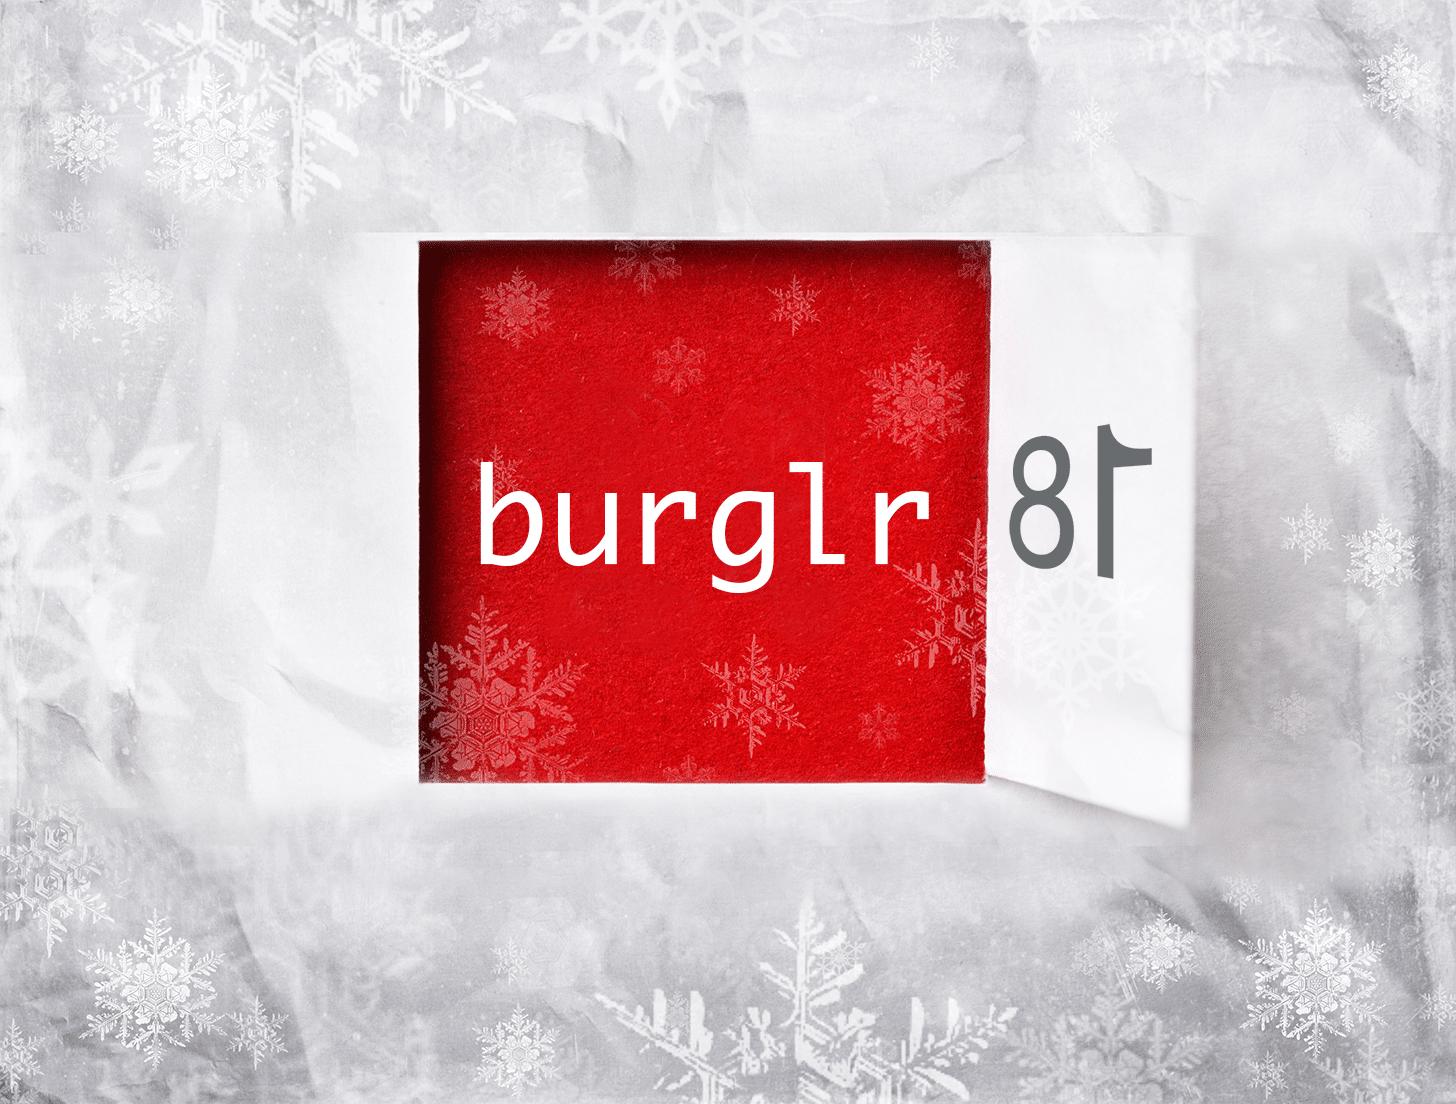 door-18-burglr